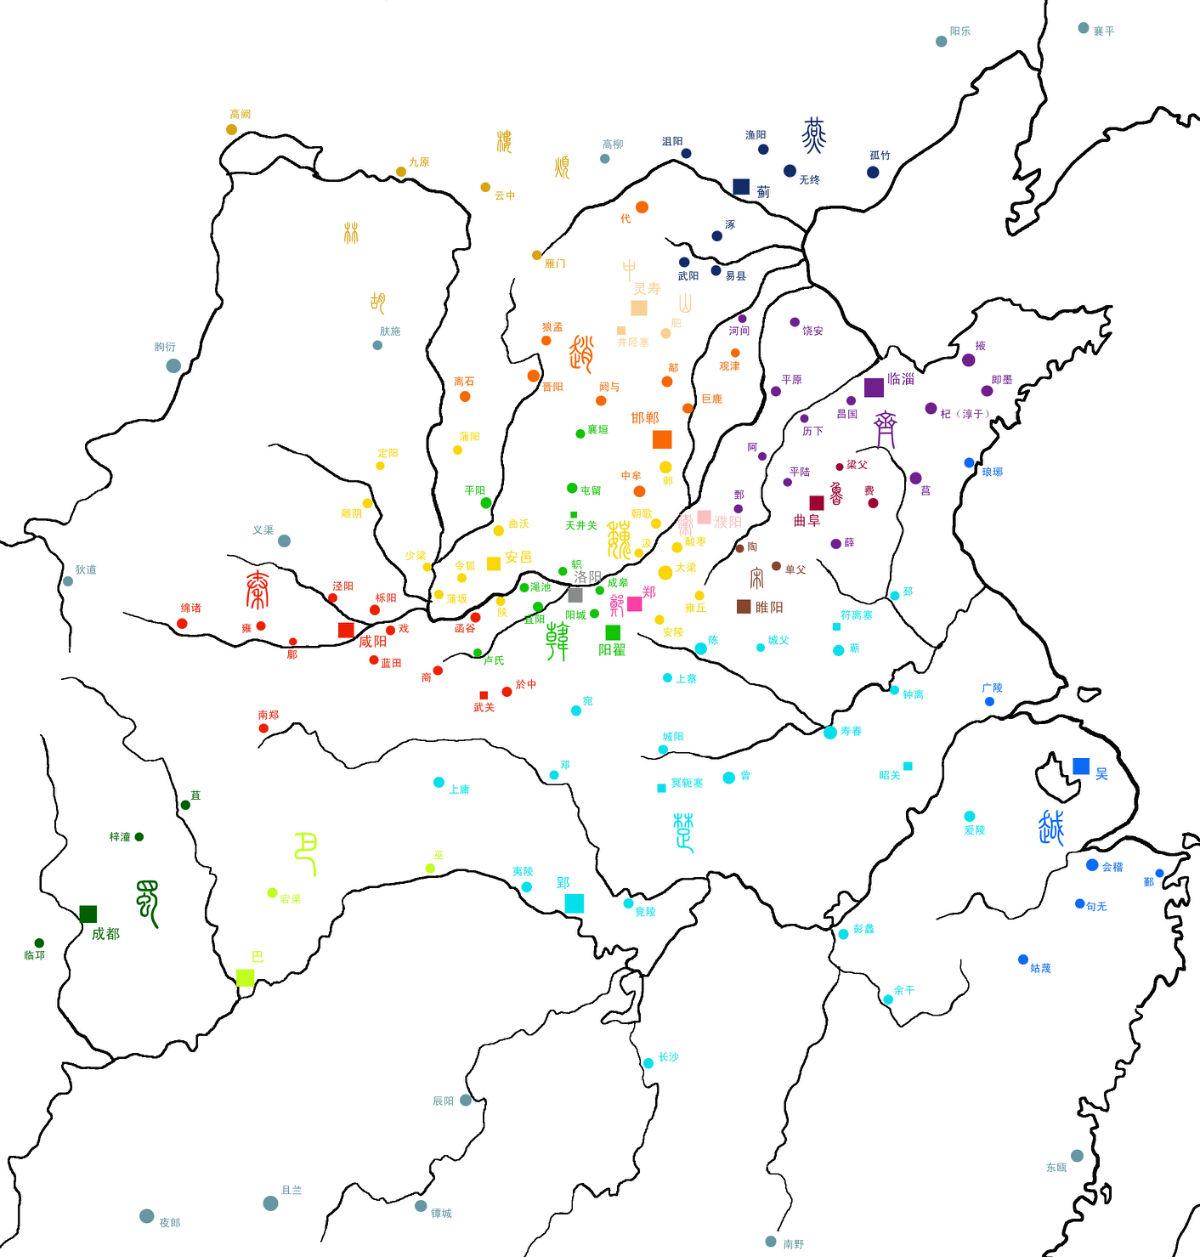 中国古代文明的辉煌 不都是在吃春秋战国的老本么图片